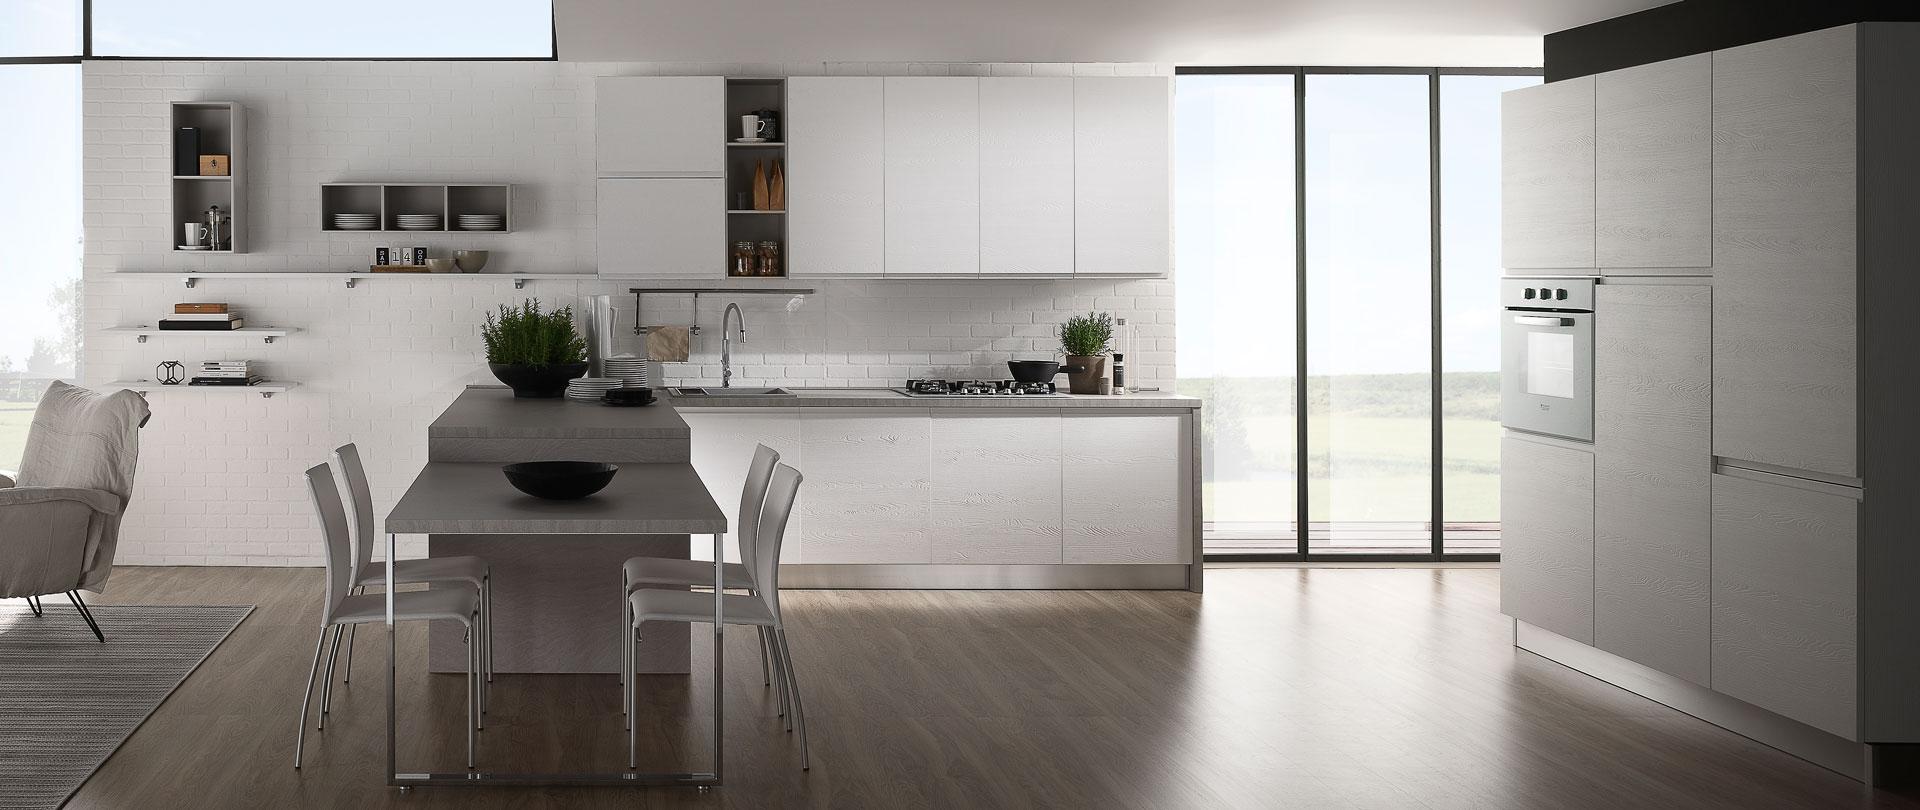 02-cucina-moderna-bianco-luna